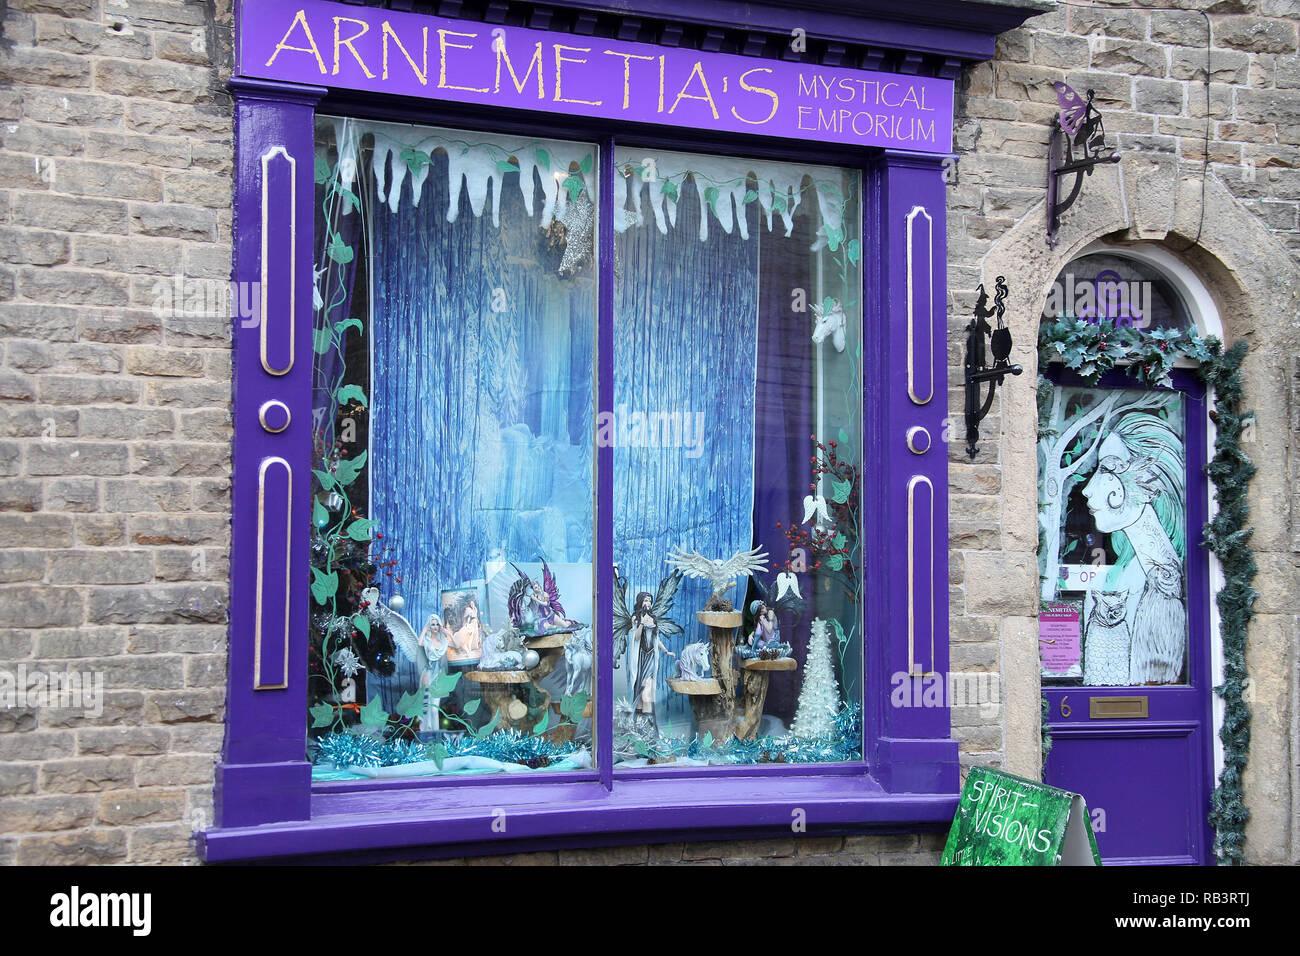 Arnemetia's Mystical Emporium in Buxton - Stock Image